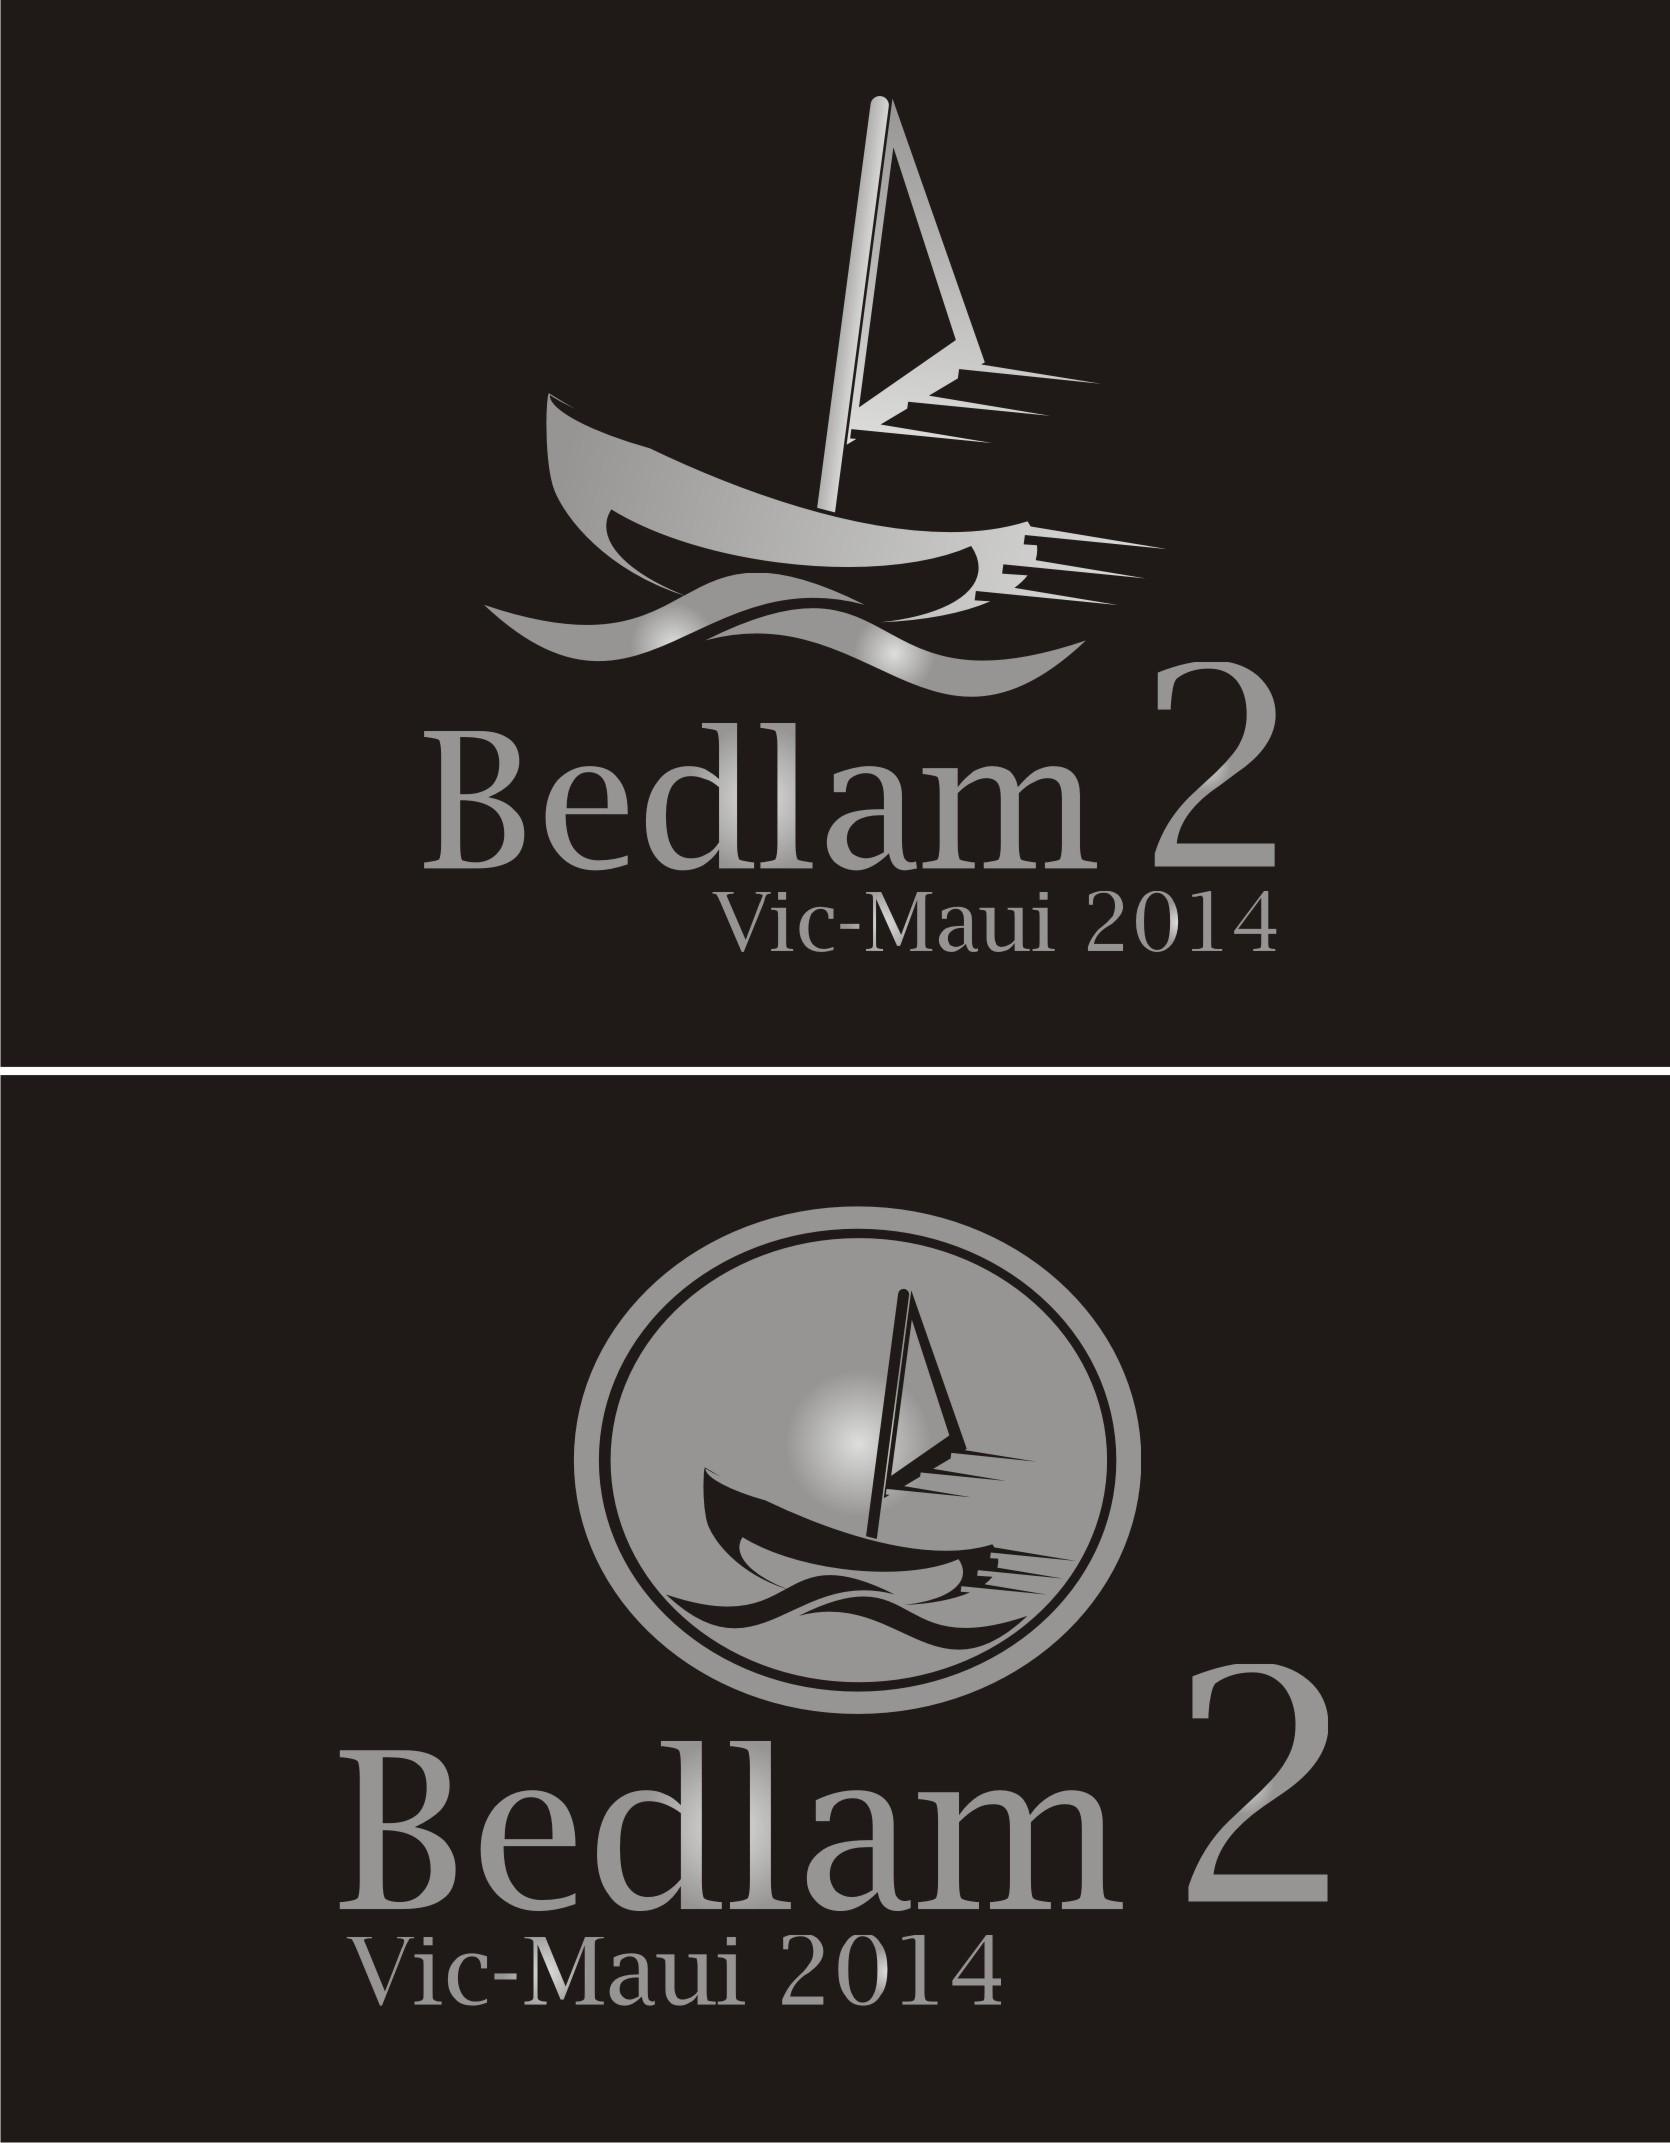 Logo Design by Yuda Hermawan - Entry No. 36 in the Logo Design Contest Artistic Logo Design for Bedlam 2  Vic-Maui 2014.